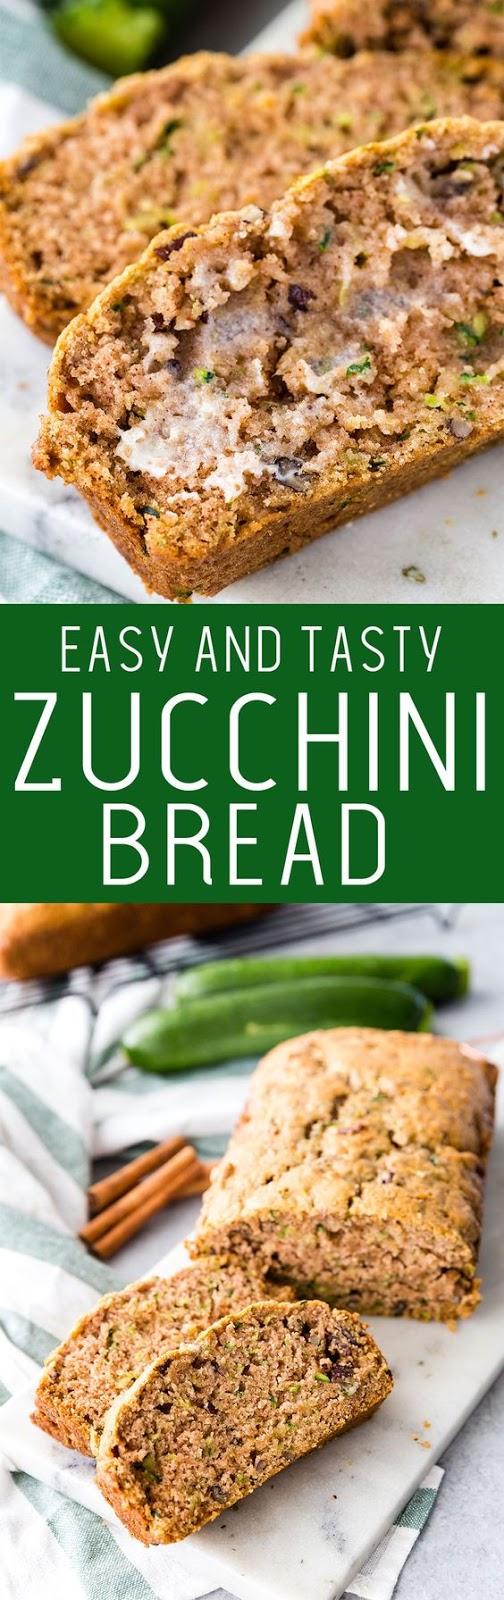 Easy Zucchini Bread – The Only Zucchini Bread Recipe You Will Ever Need